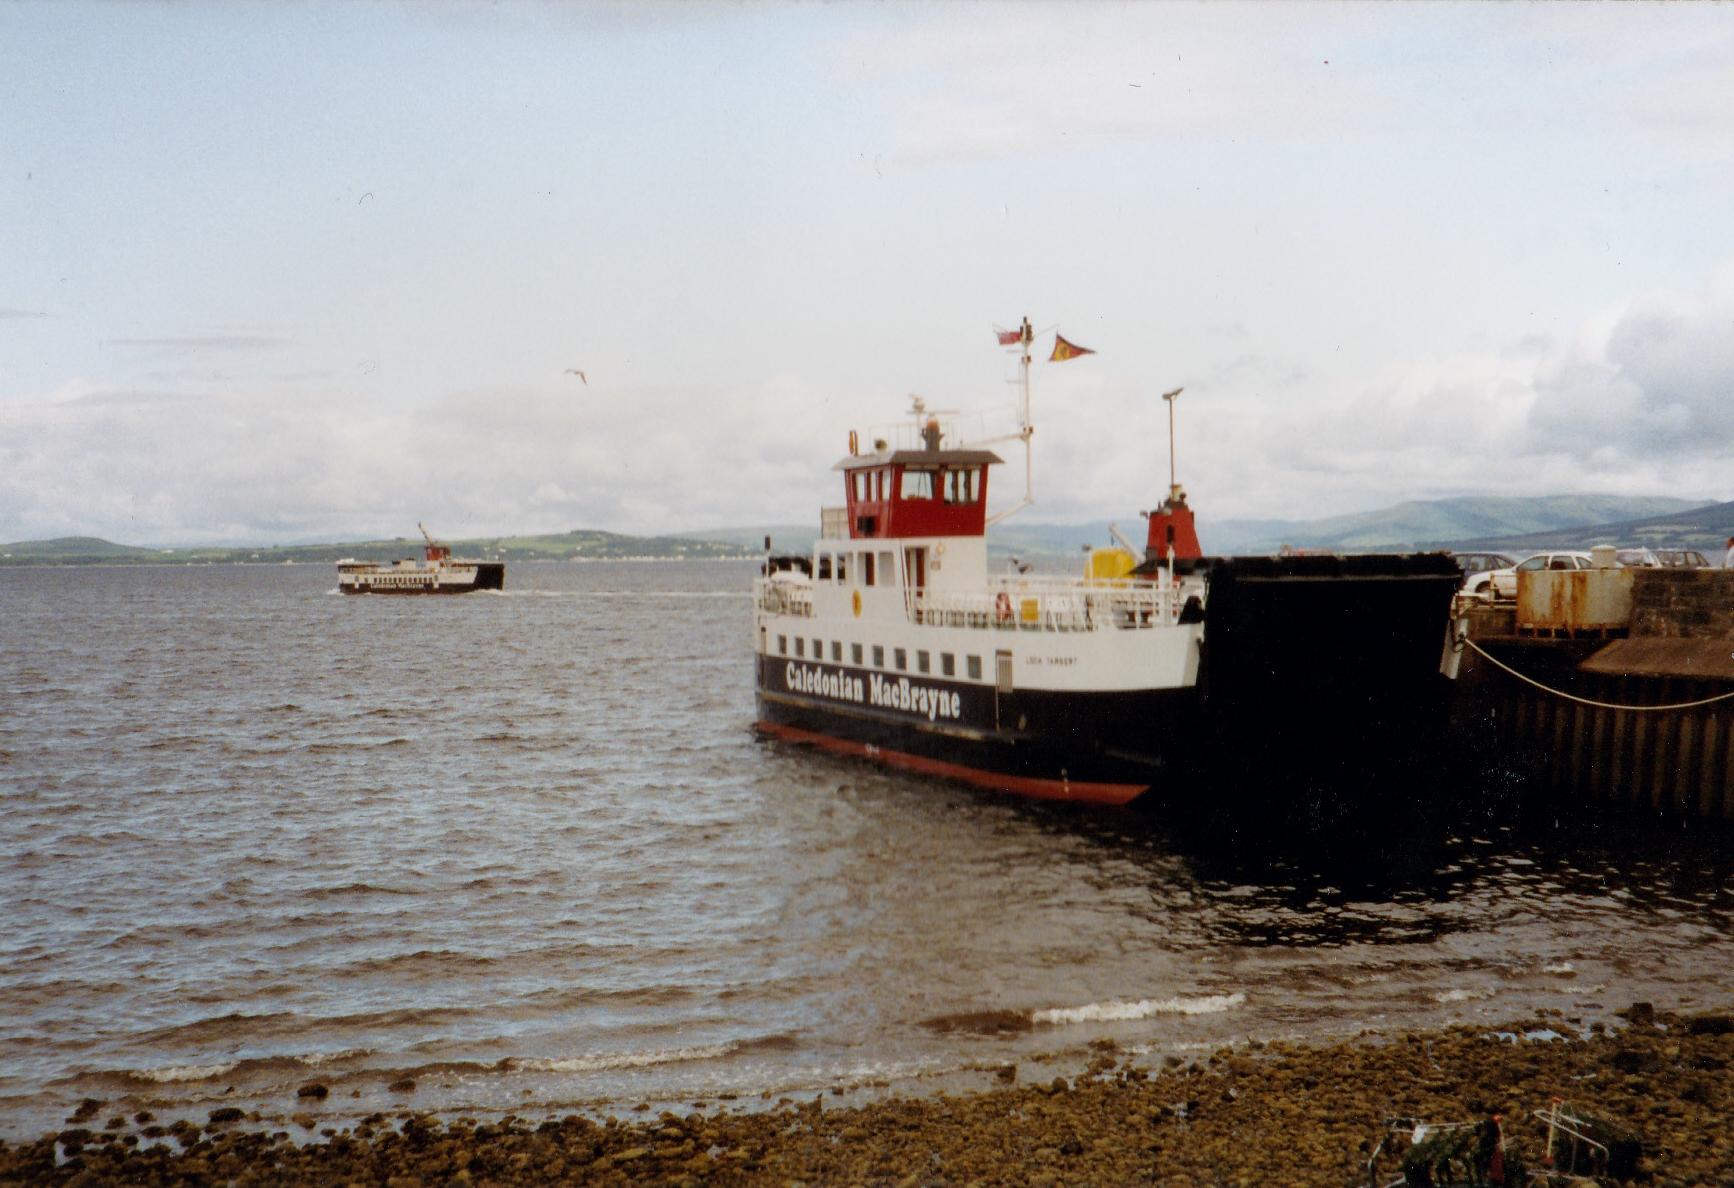 Loch Striven and Loch Tarbert